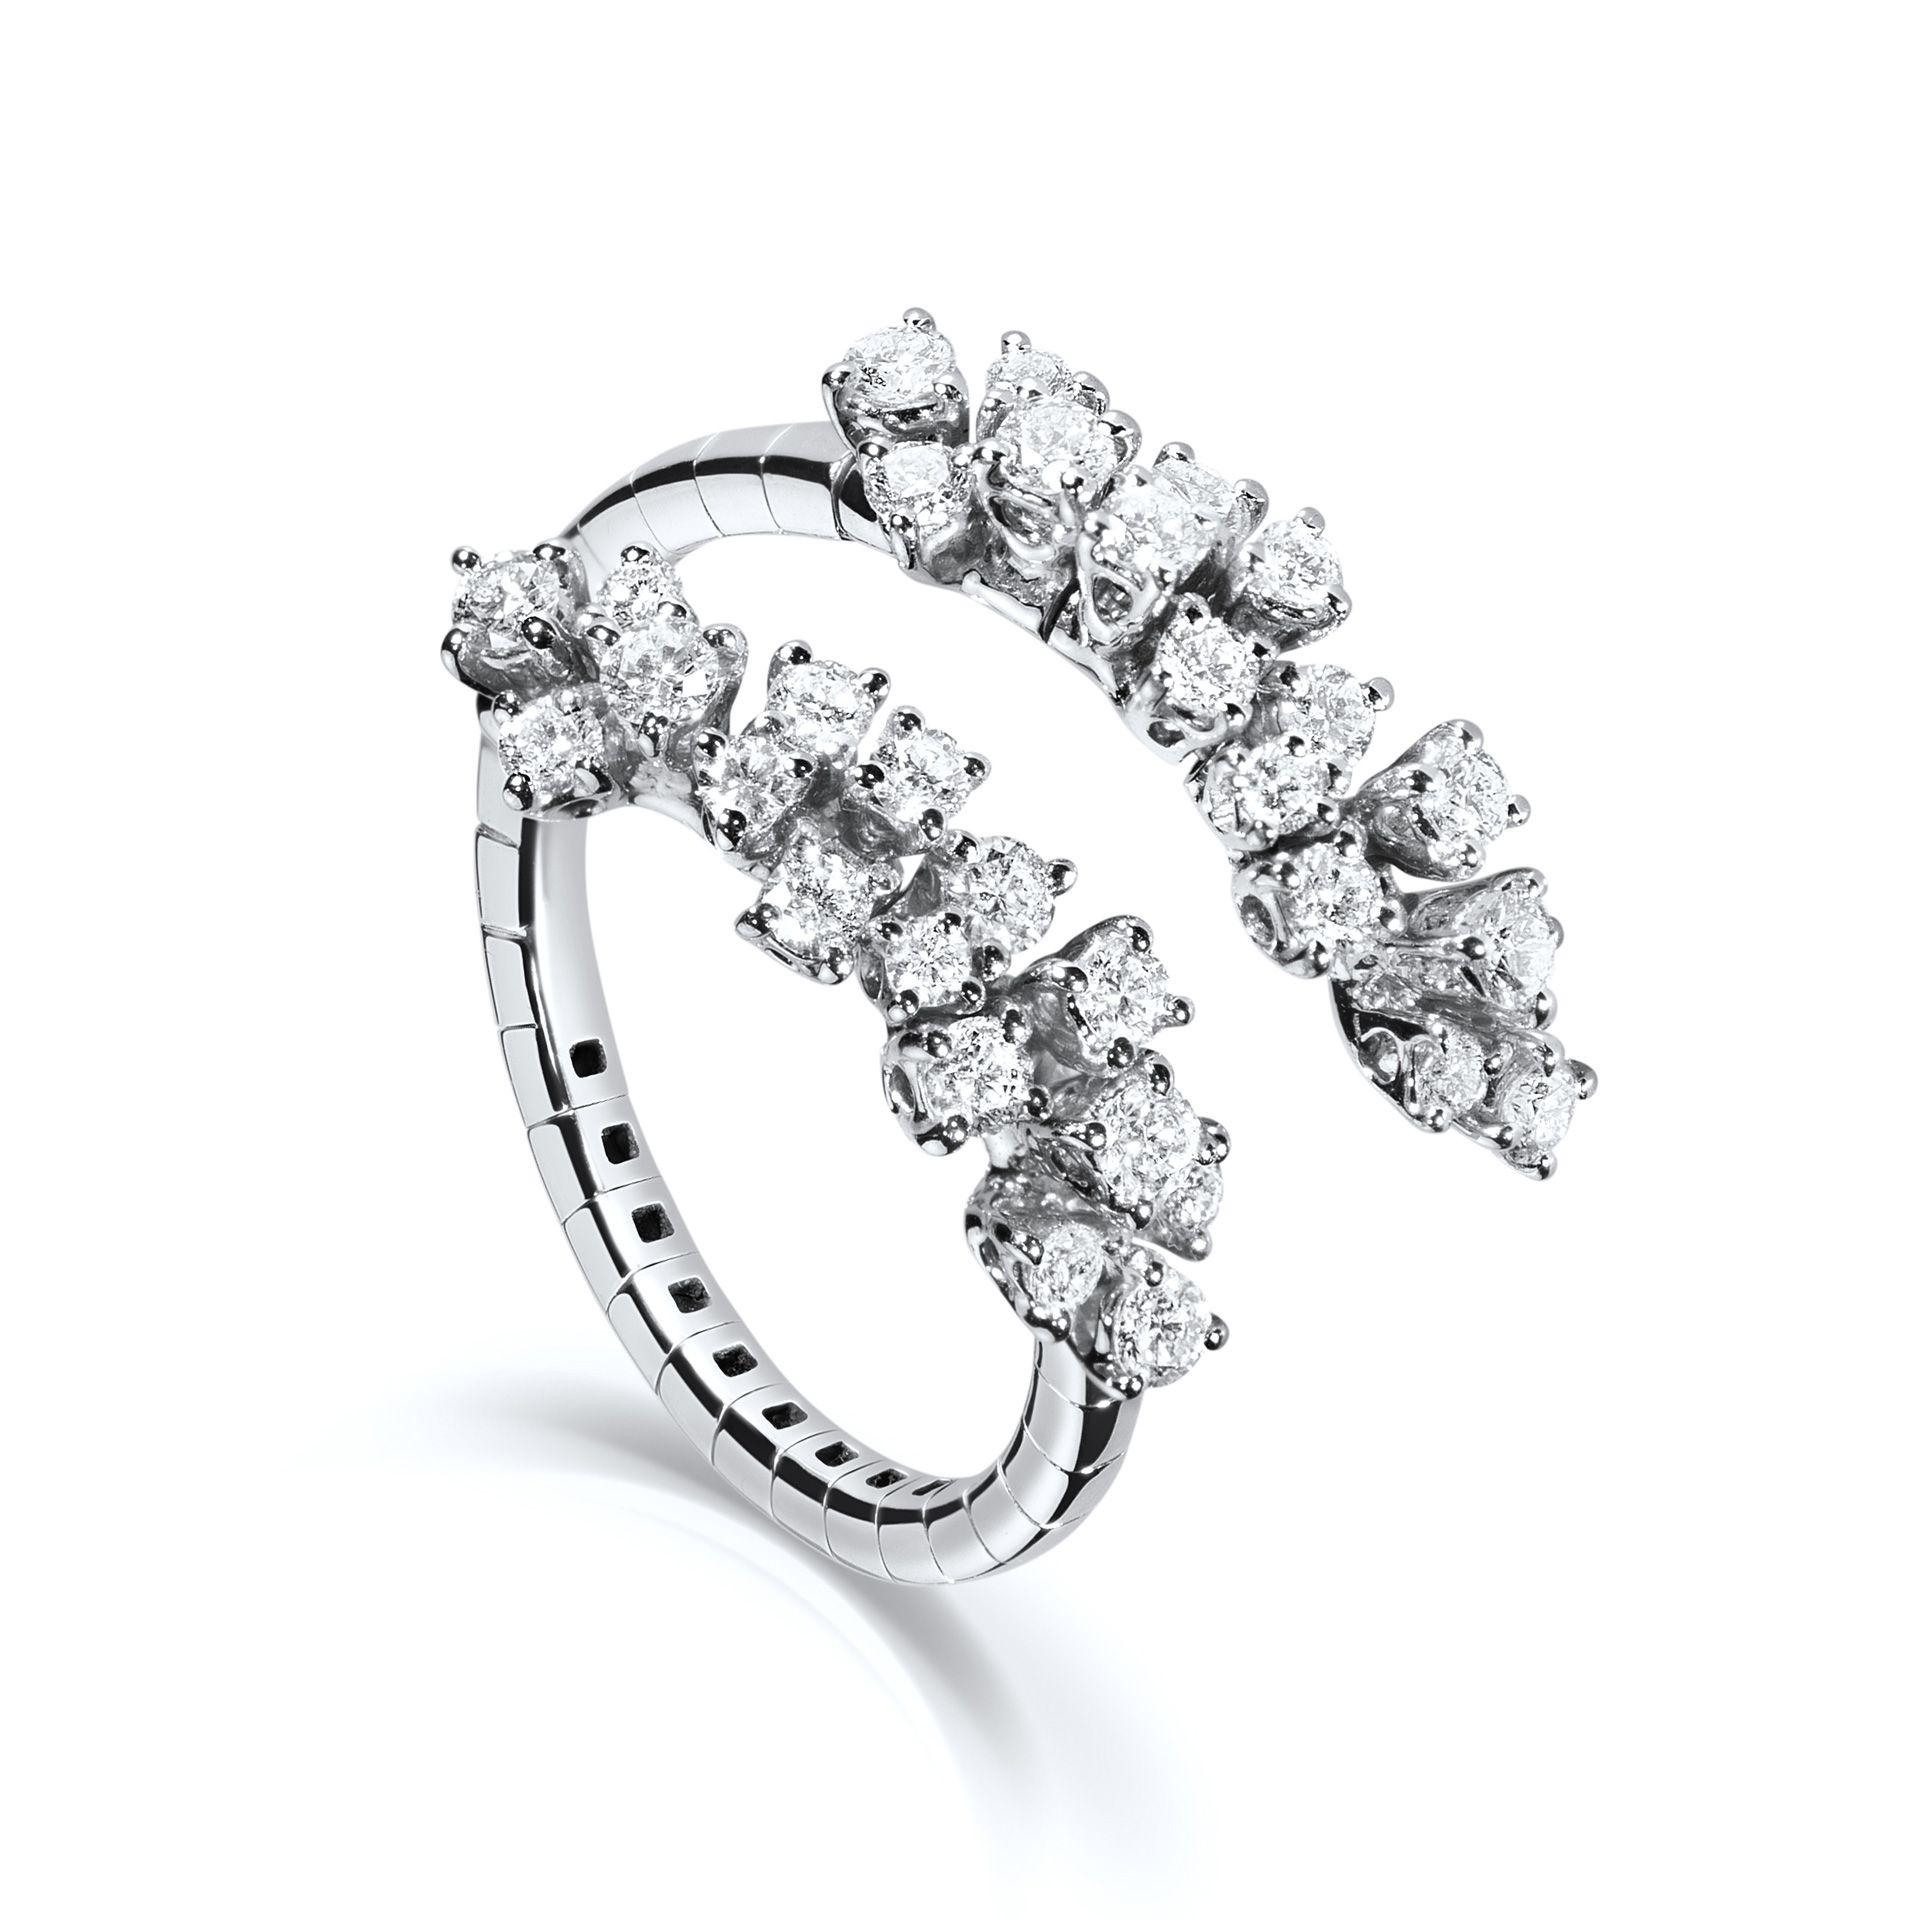 foto still life gioielli anelli torino